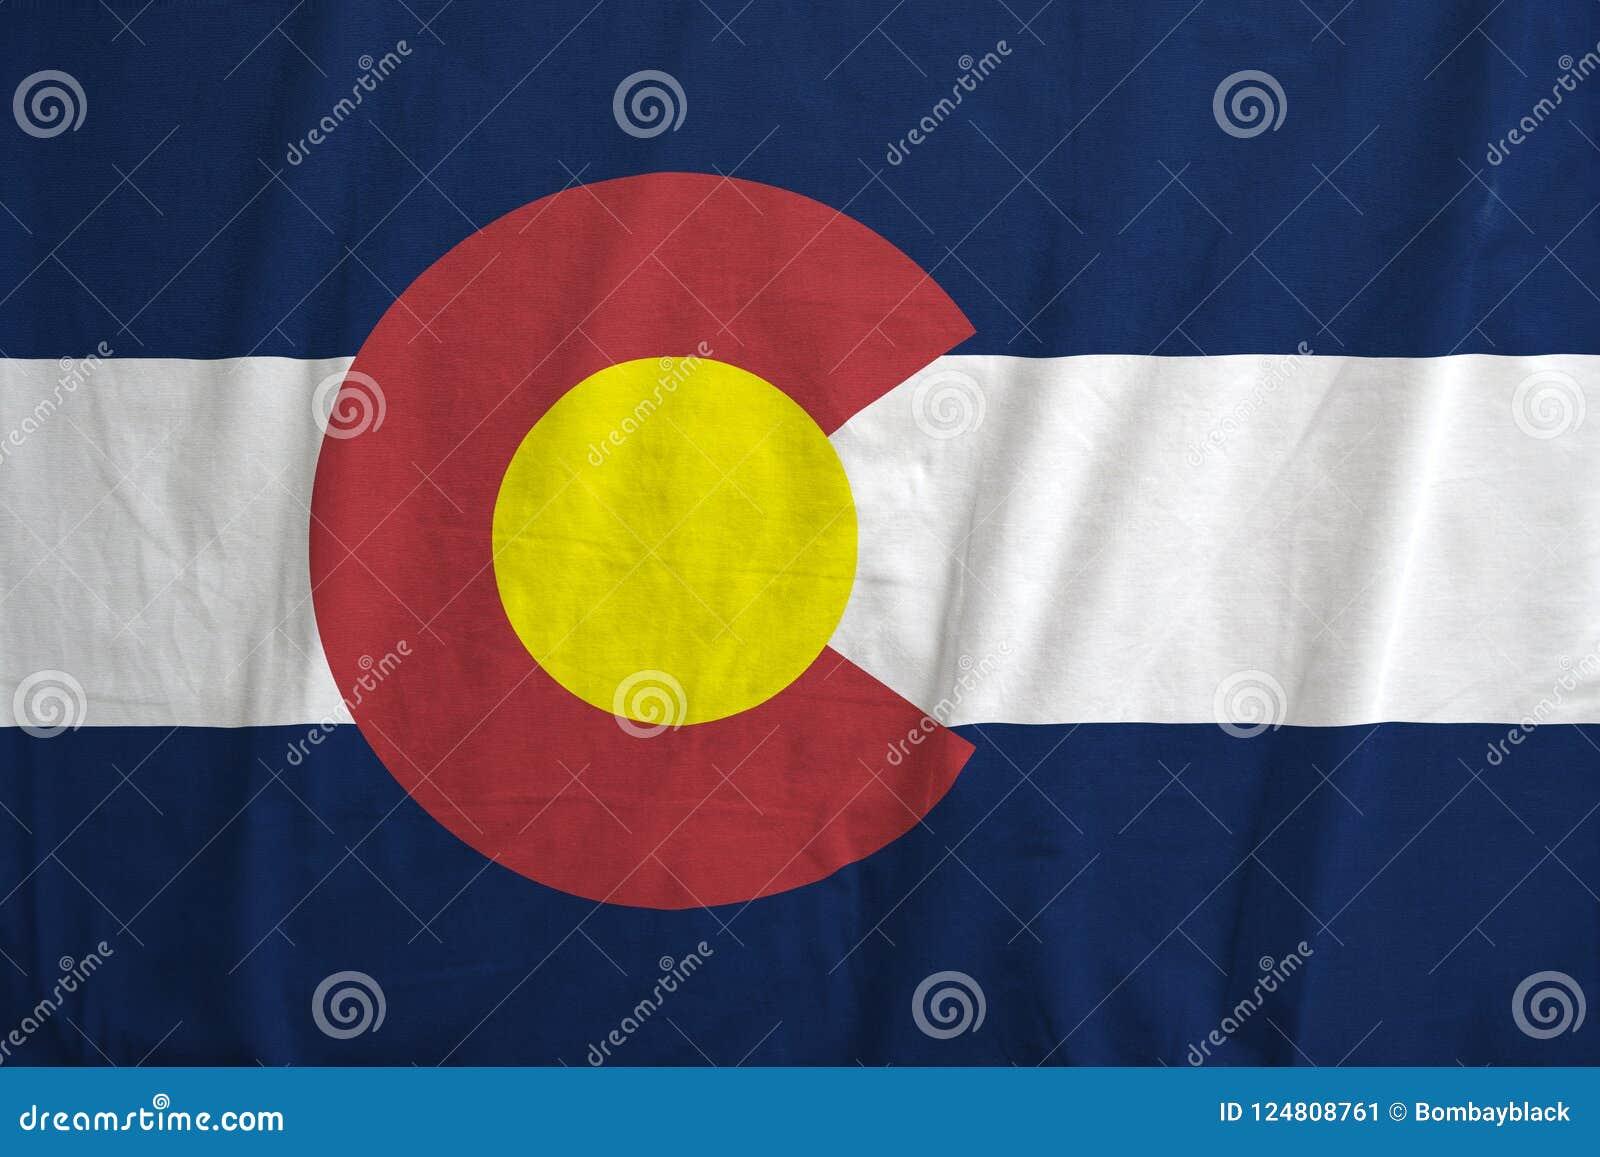 Flag of Colorado, USA waving.